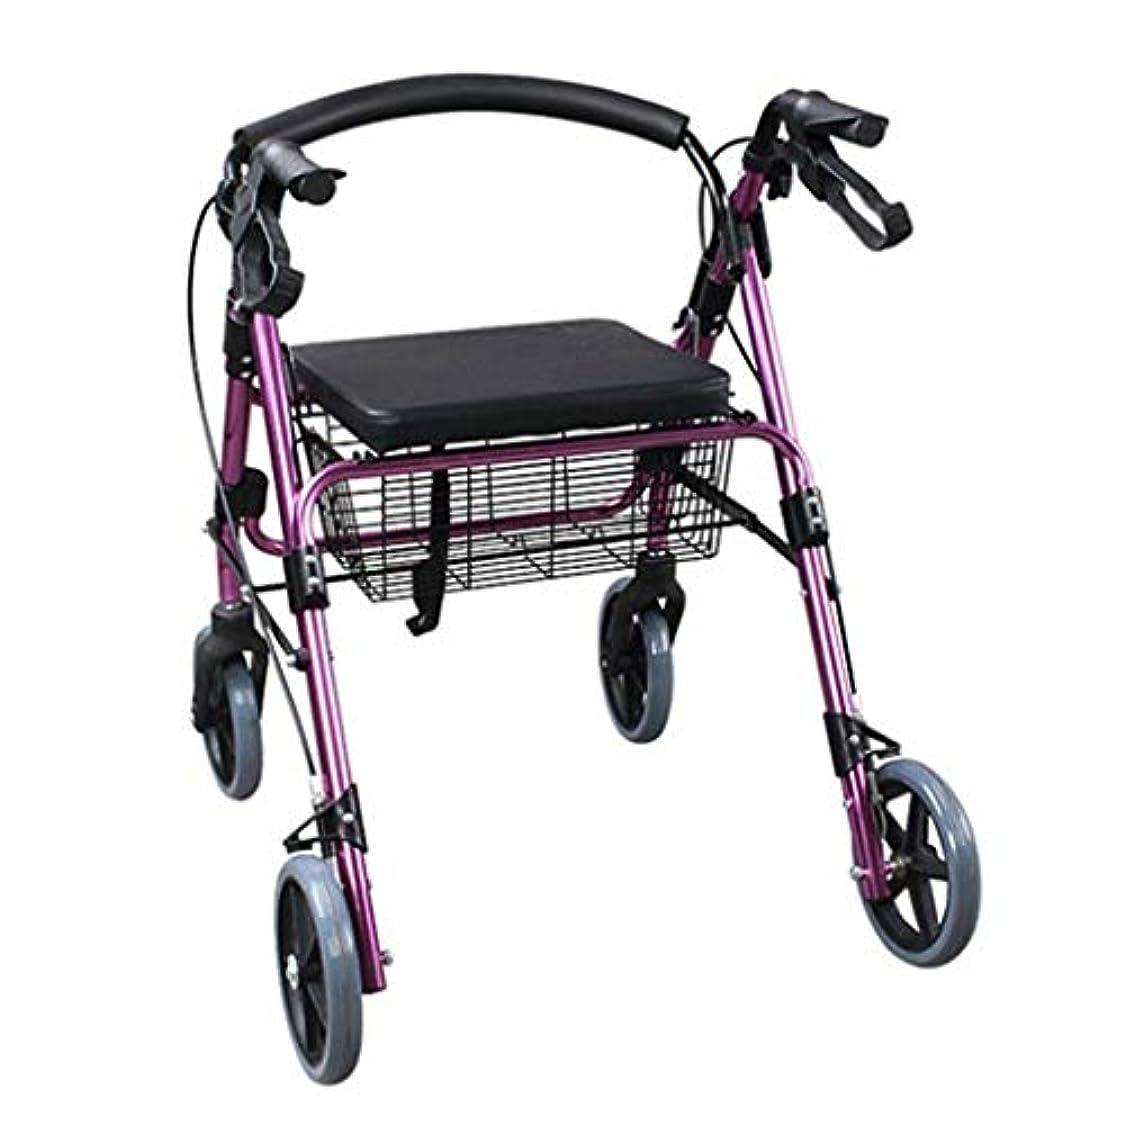 風味ラベル遺体安置所折り畳み式の携帯用歩行器の補助歩行者の4つの車輪のショッピングカートのハンドブレーキが付いている頑丈な歩行者